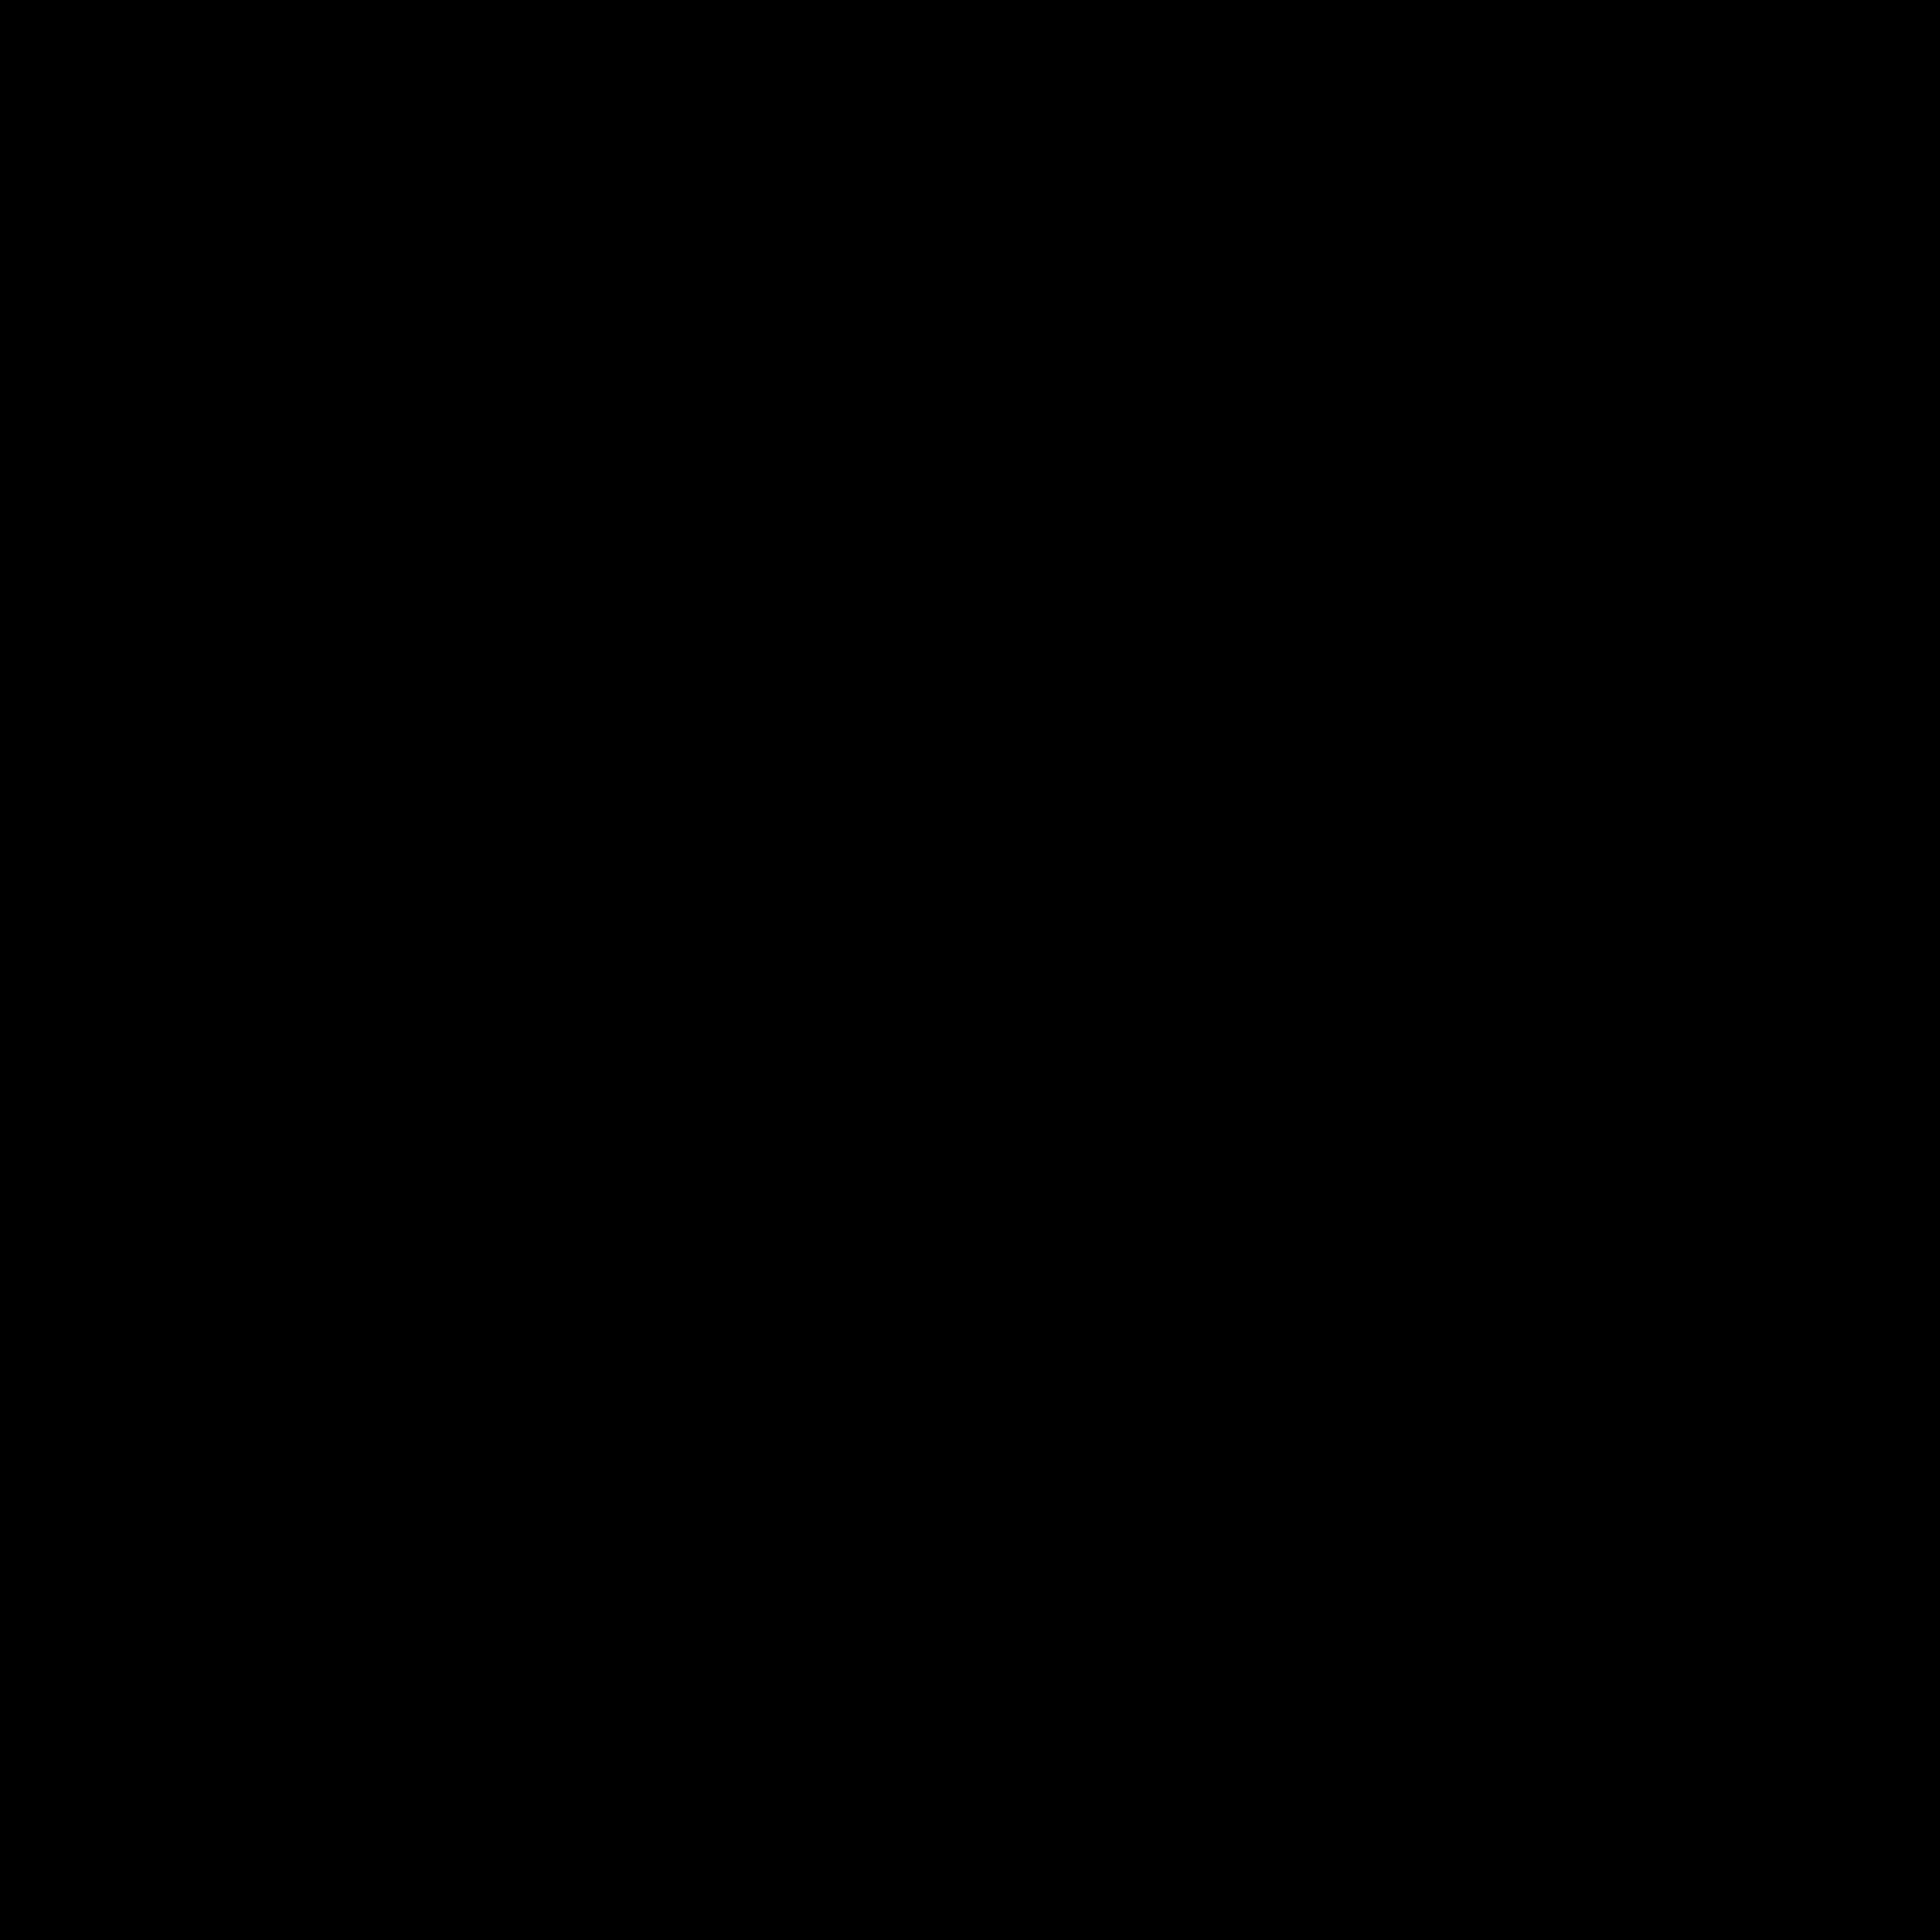 Berlin Fabrik